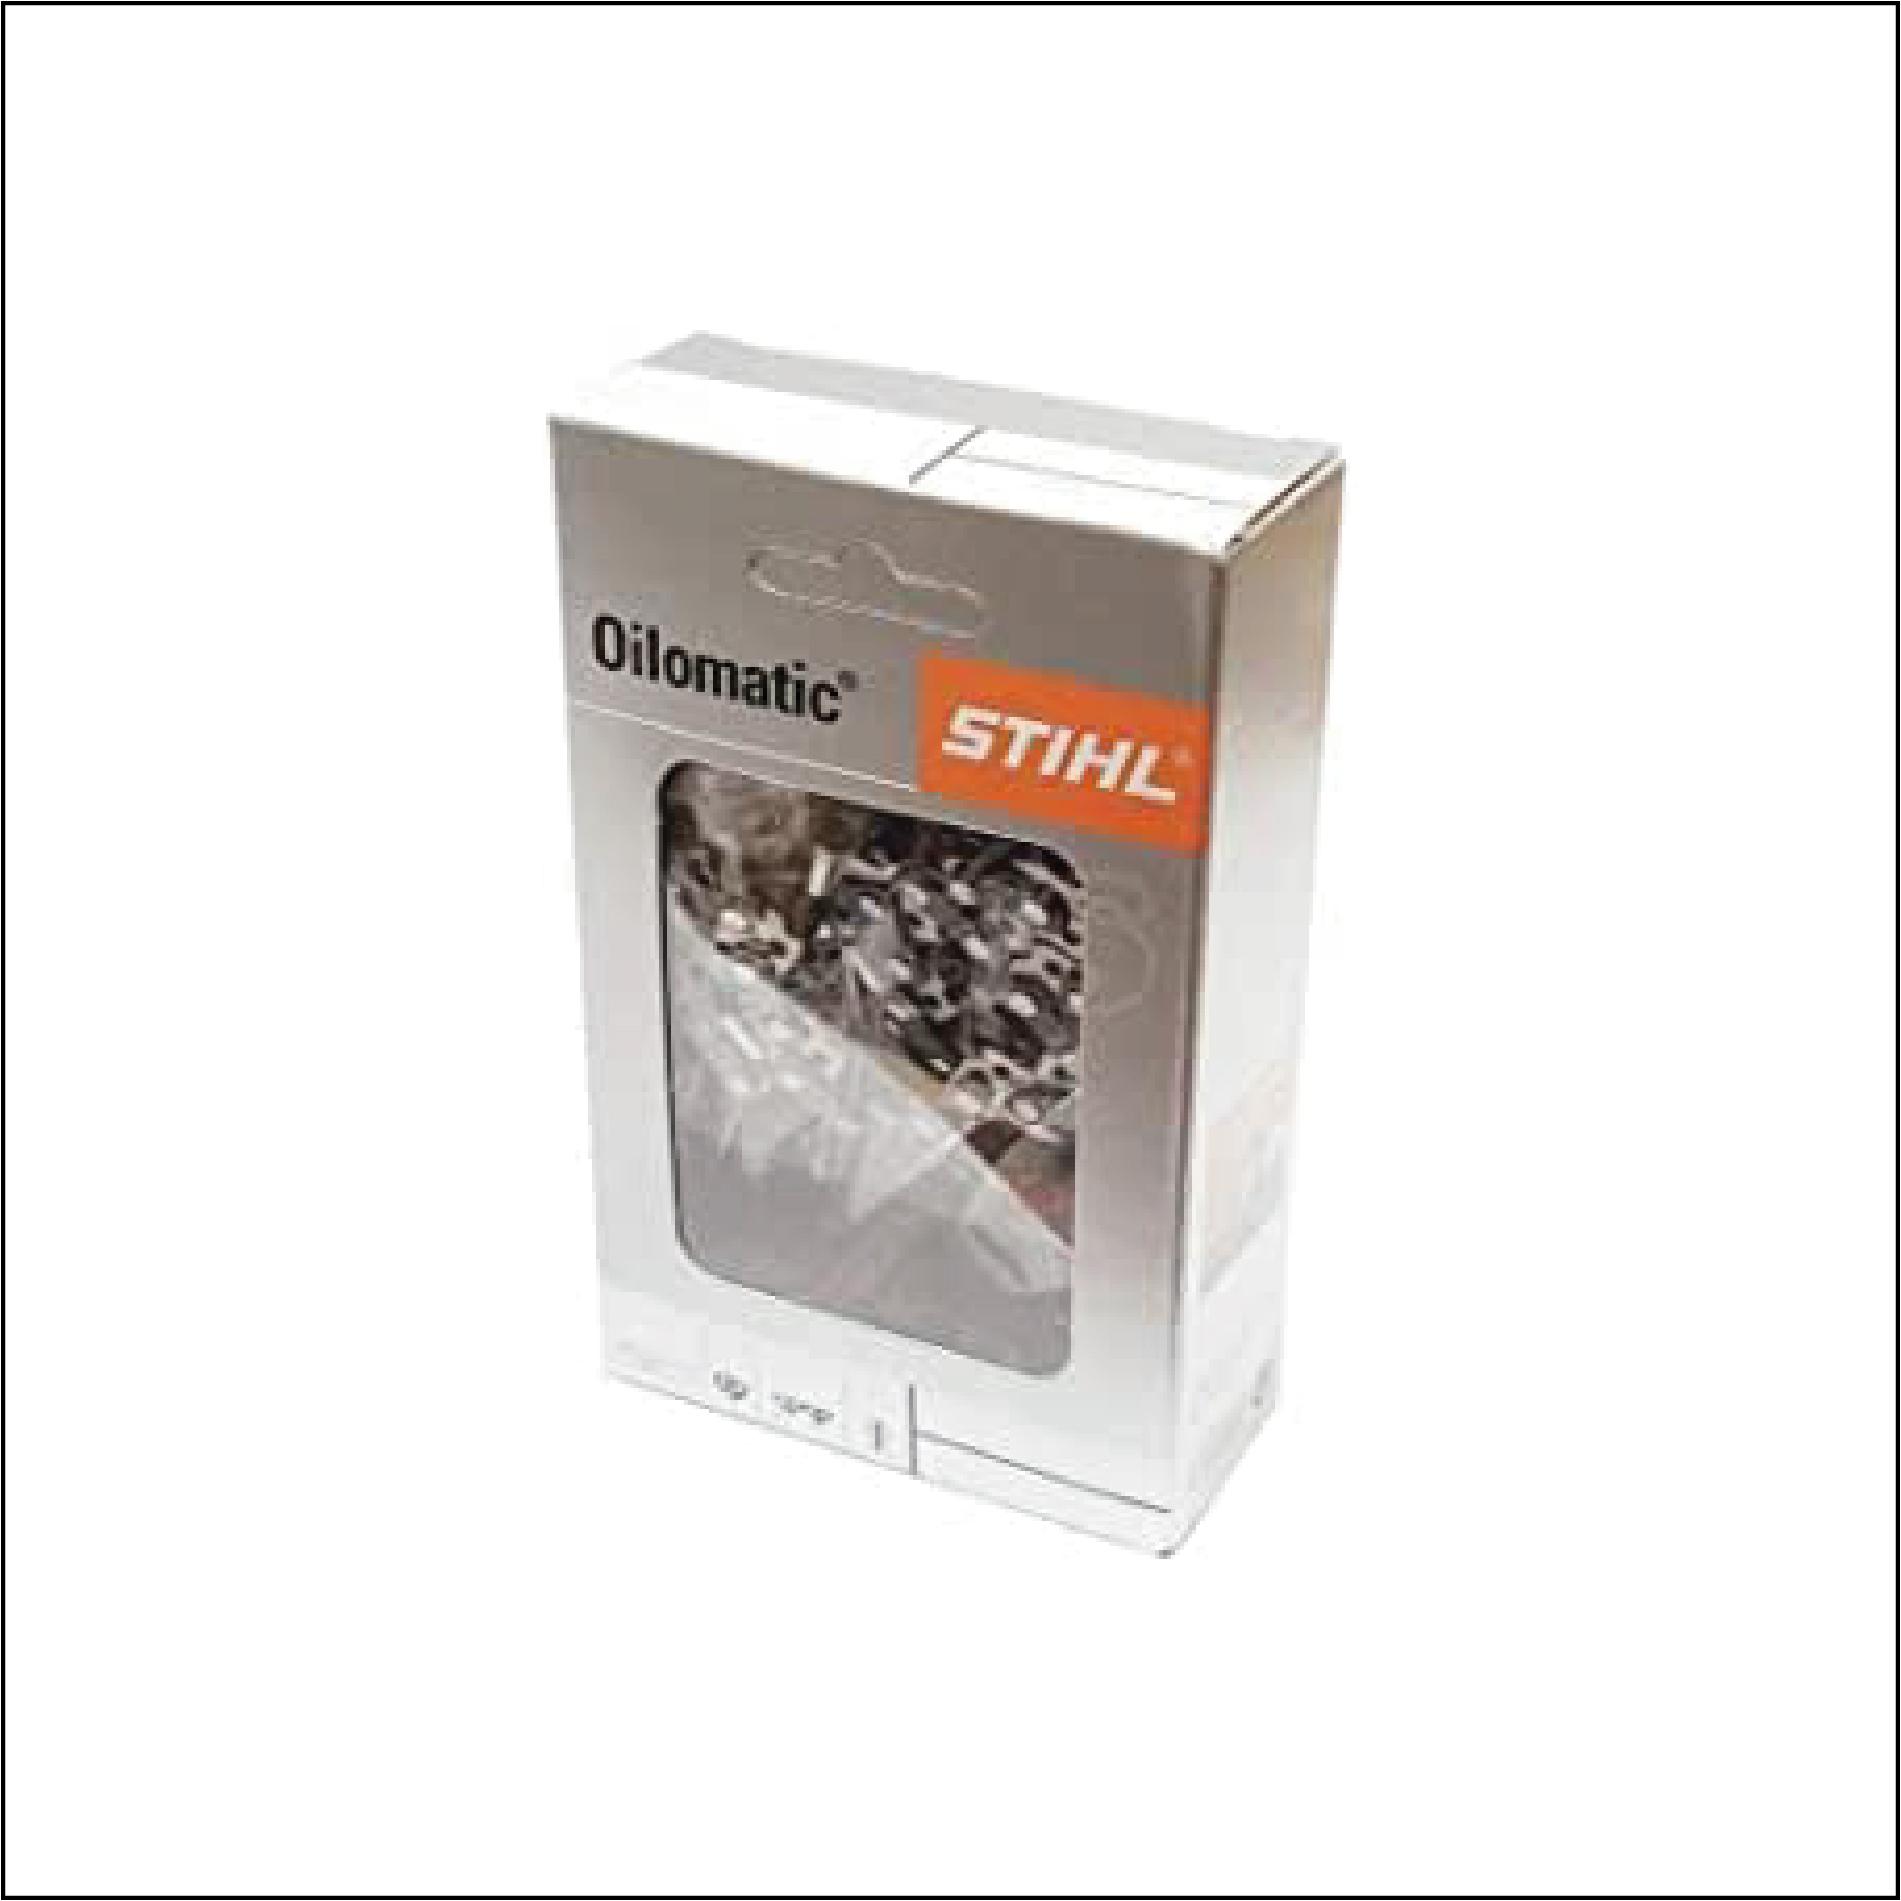 STIHL CADENA  25 1/4 PM3